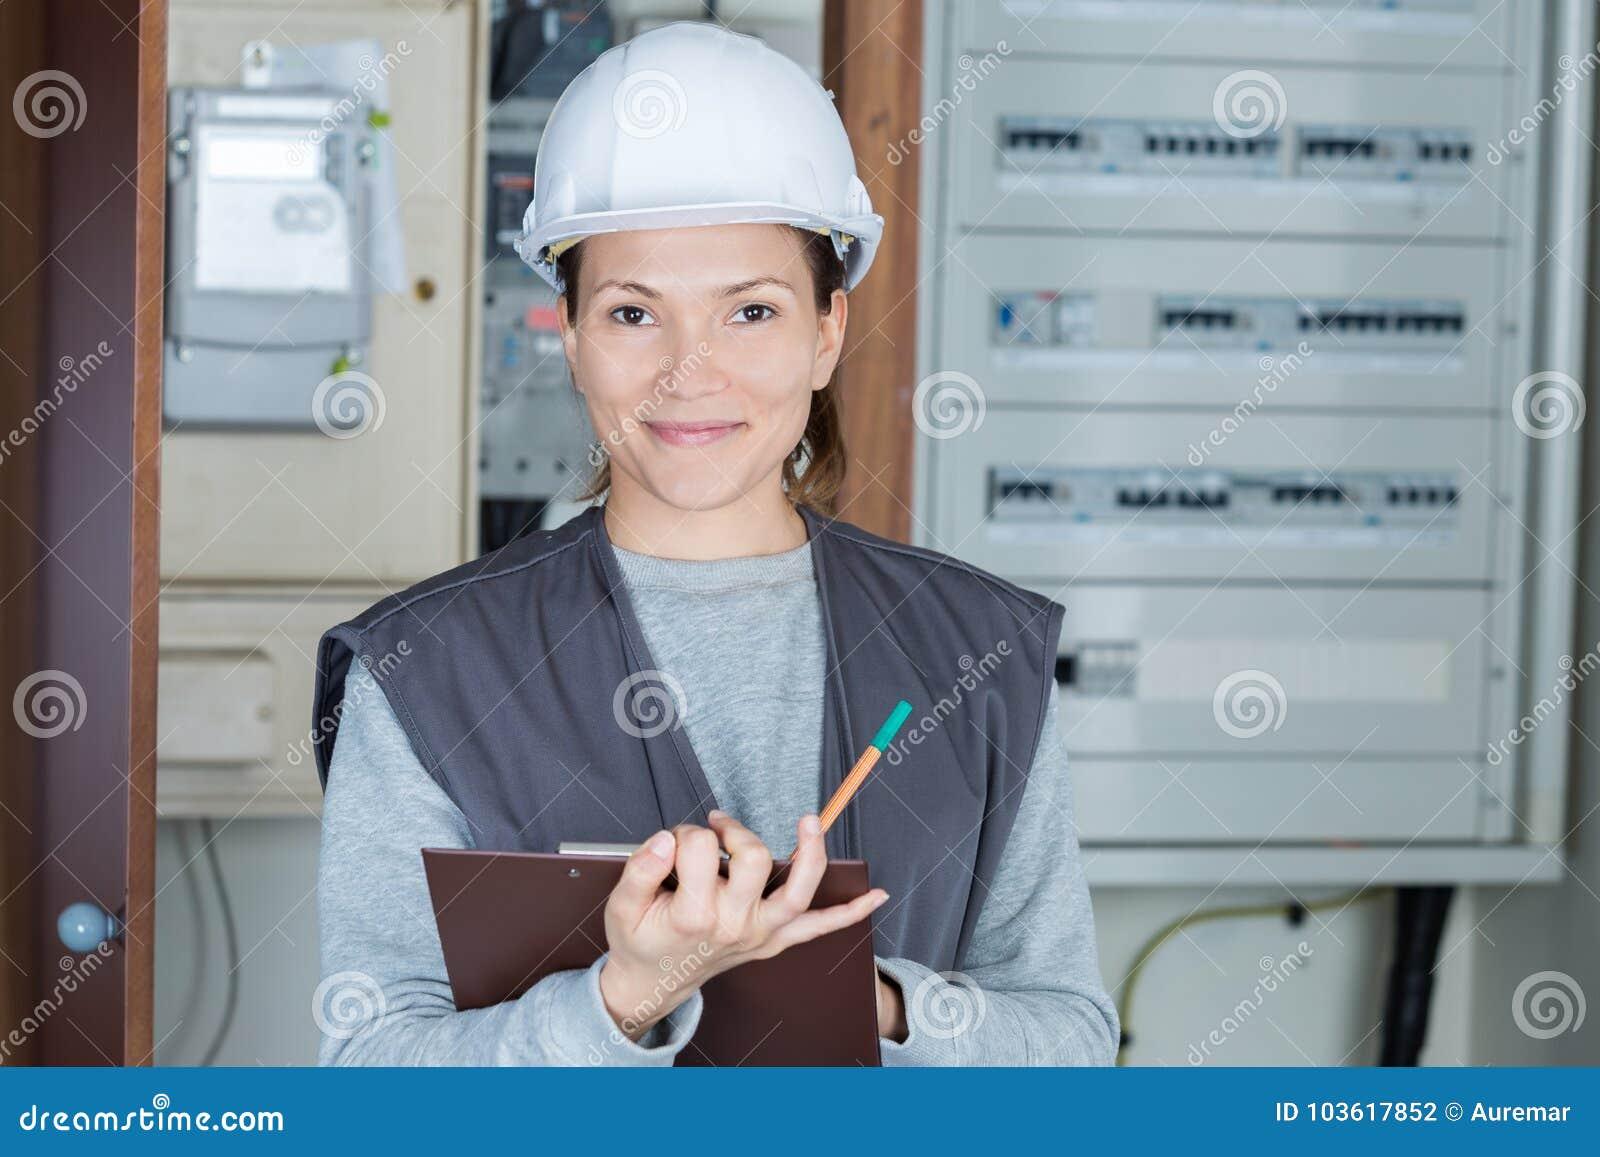 Θηλυκός ηλεκτρολόγος πορτρέτου με την περιοχή αποκομμάτων στο fusebox